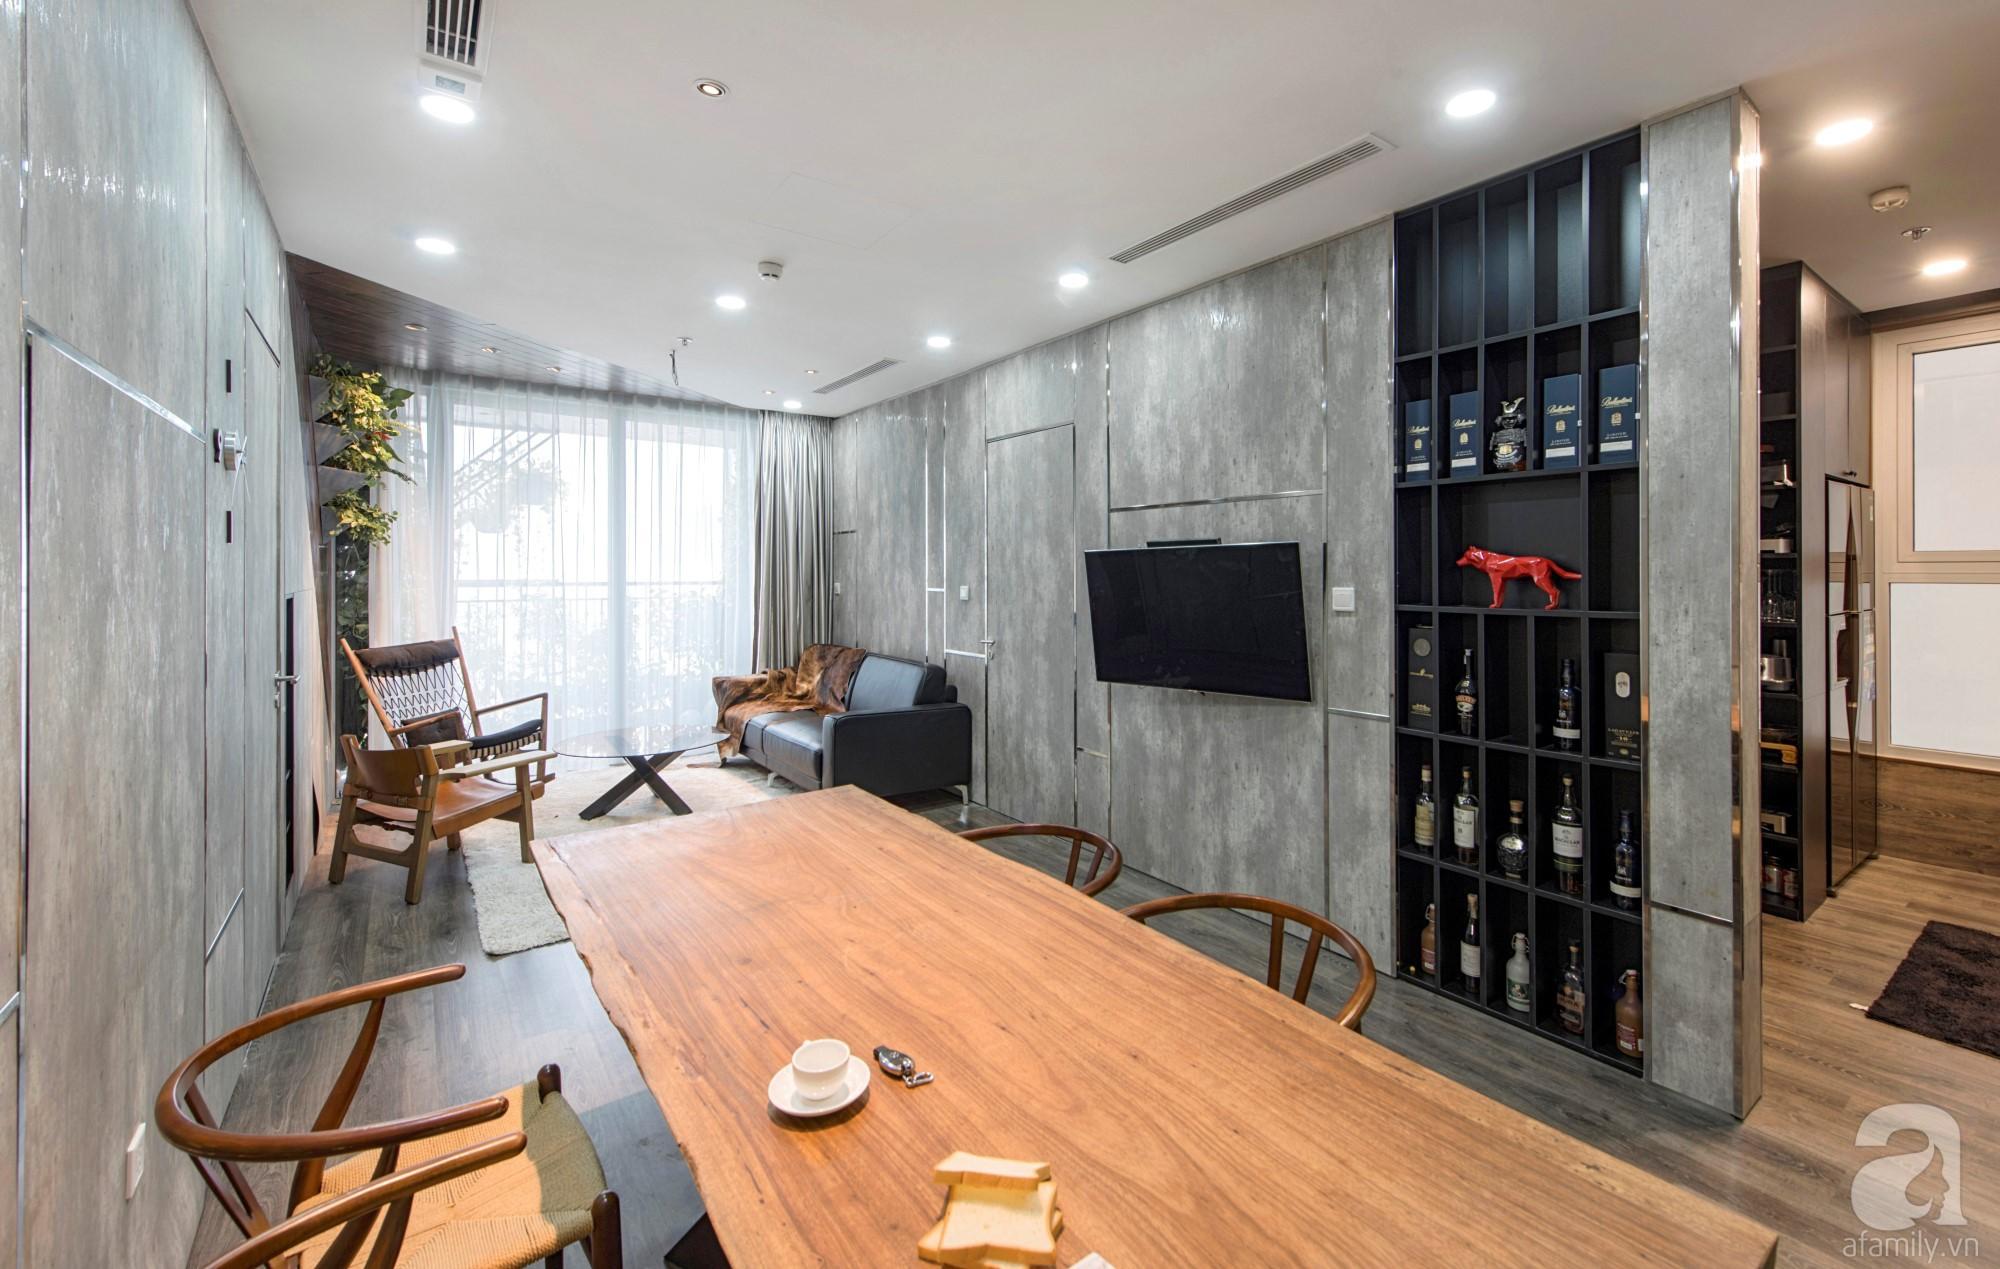 Căn hộ 80m² trên tầng 21 đẹp độc đáo với chi phí cải tạo 780 triệu đồng của chủ nhà yêu cây xanh - Ảnh 14.